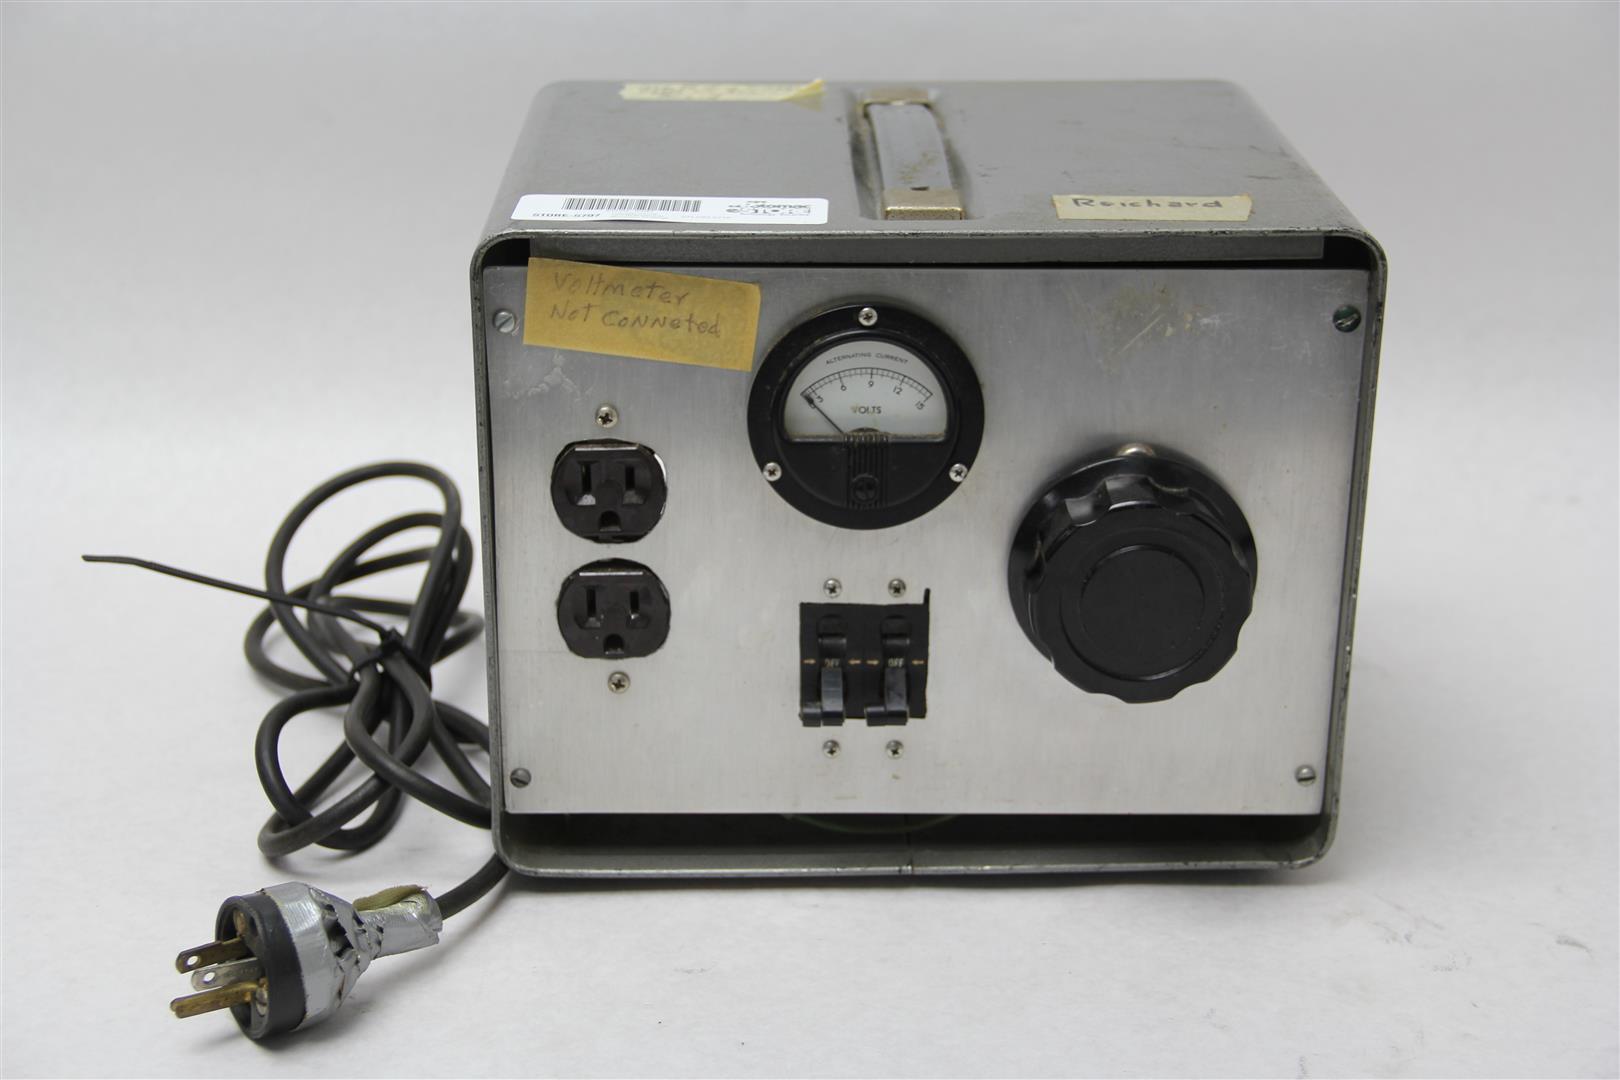 20 Amp 110v Variac Autotransformer Voltage Regulator Powerstat 0130v